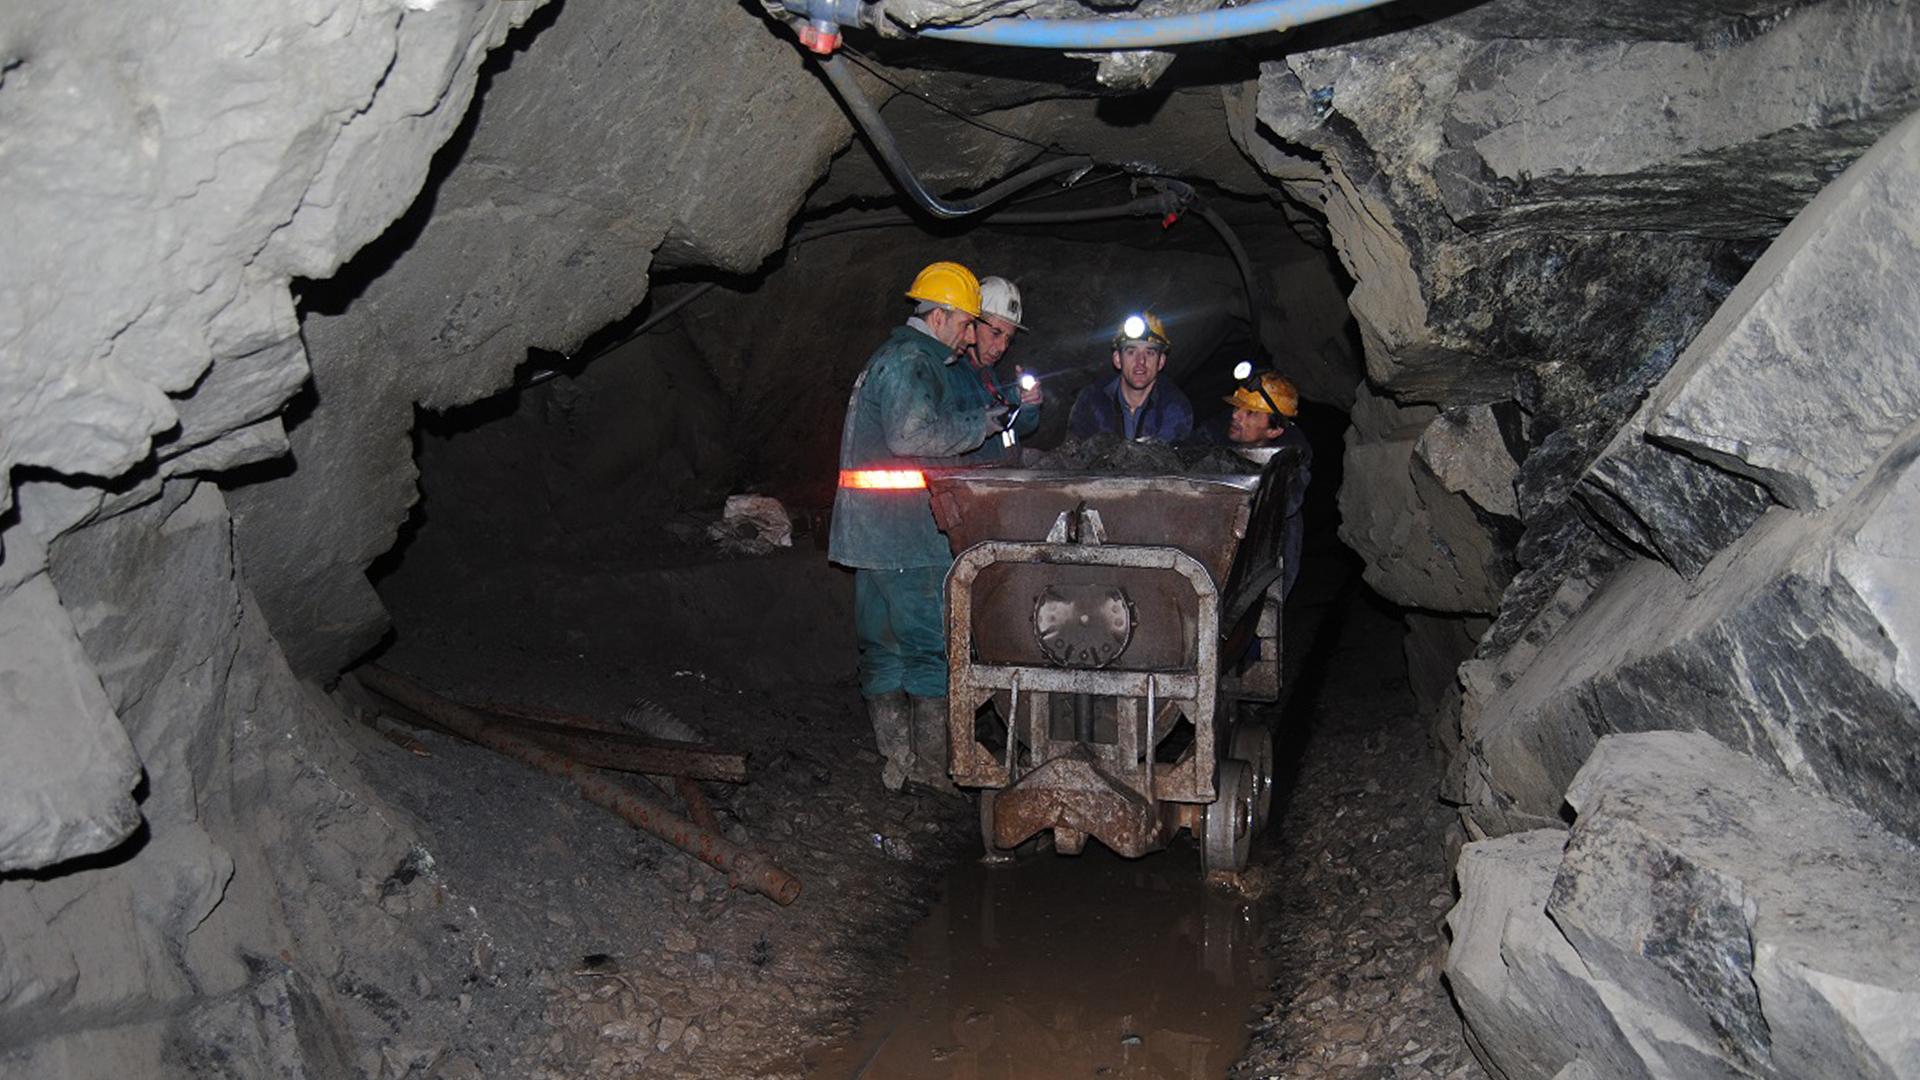 Aksident në minierë, humb jetën një minator në Bulqizë